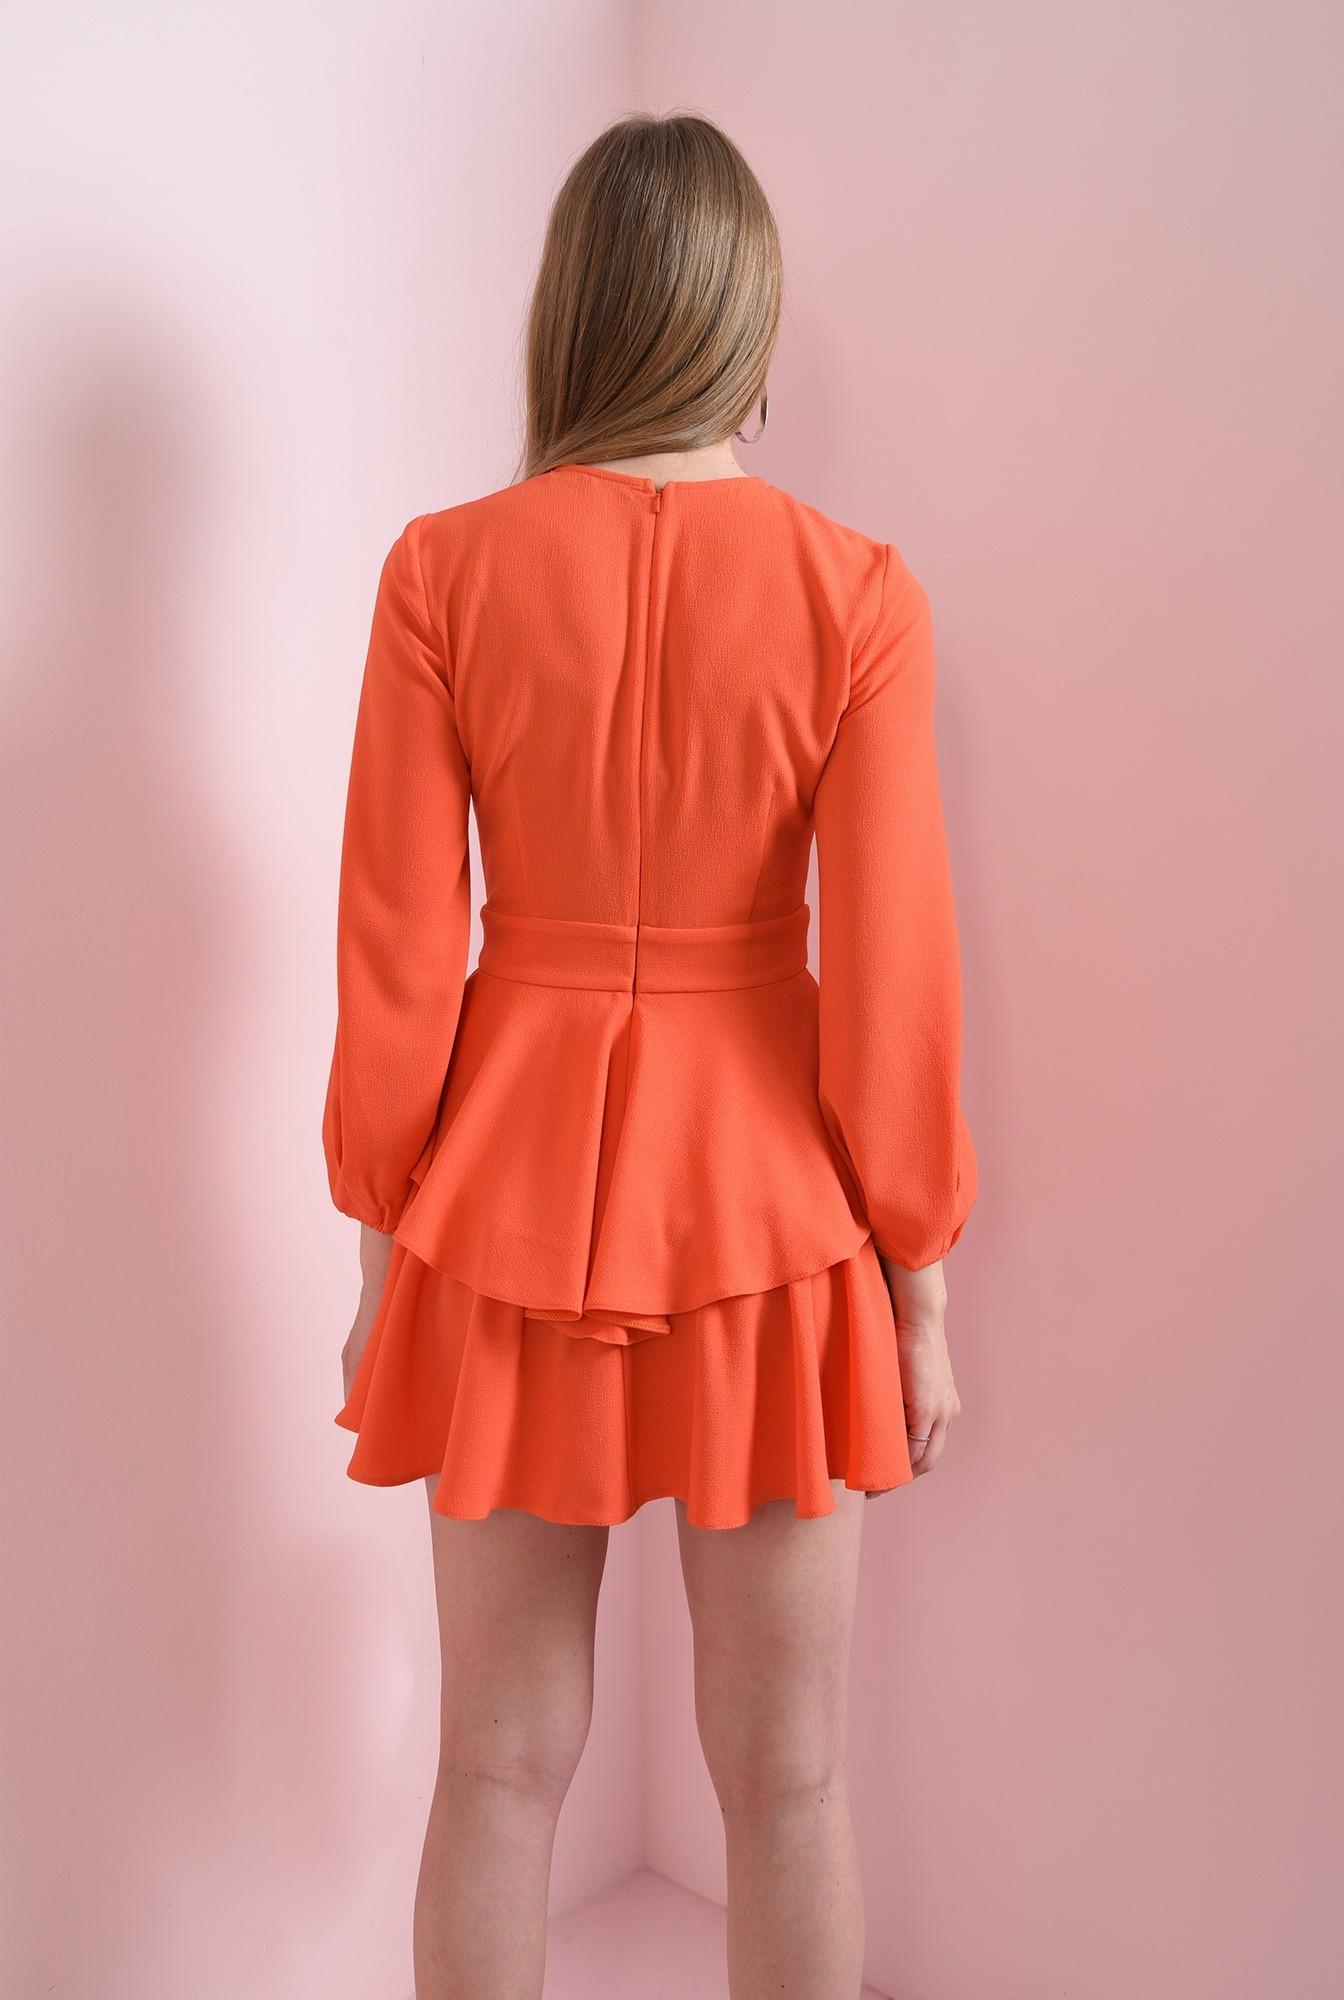 2 - rochie scurta, orange, cu volane